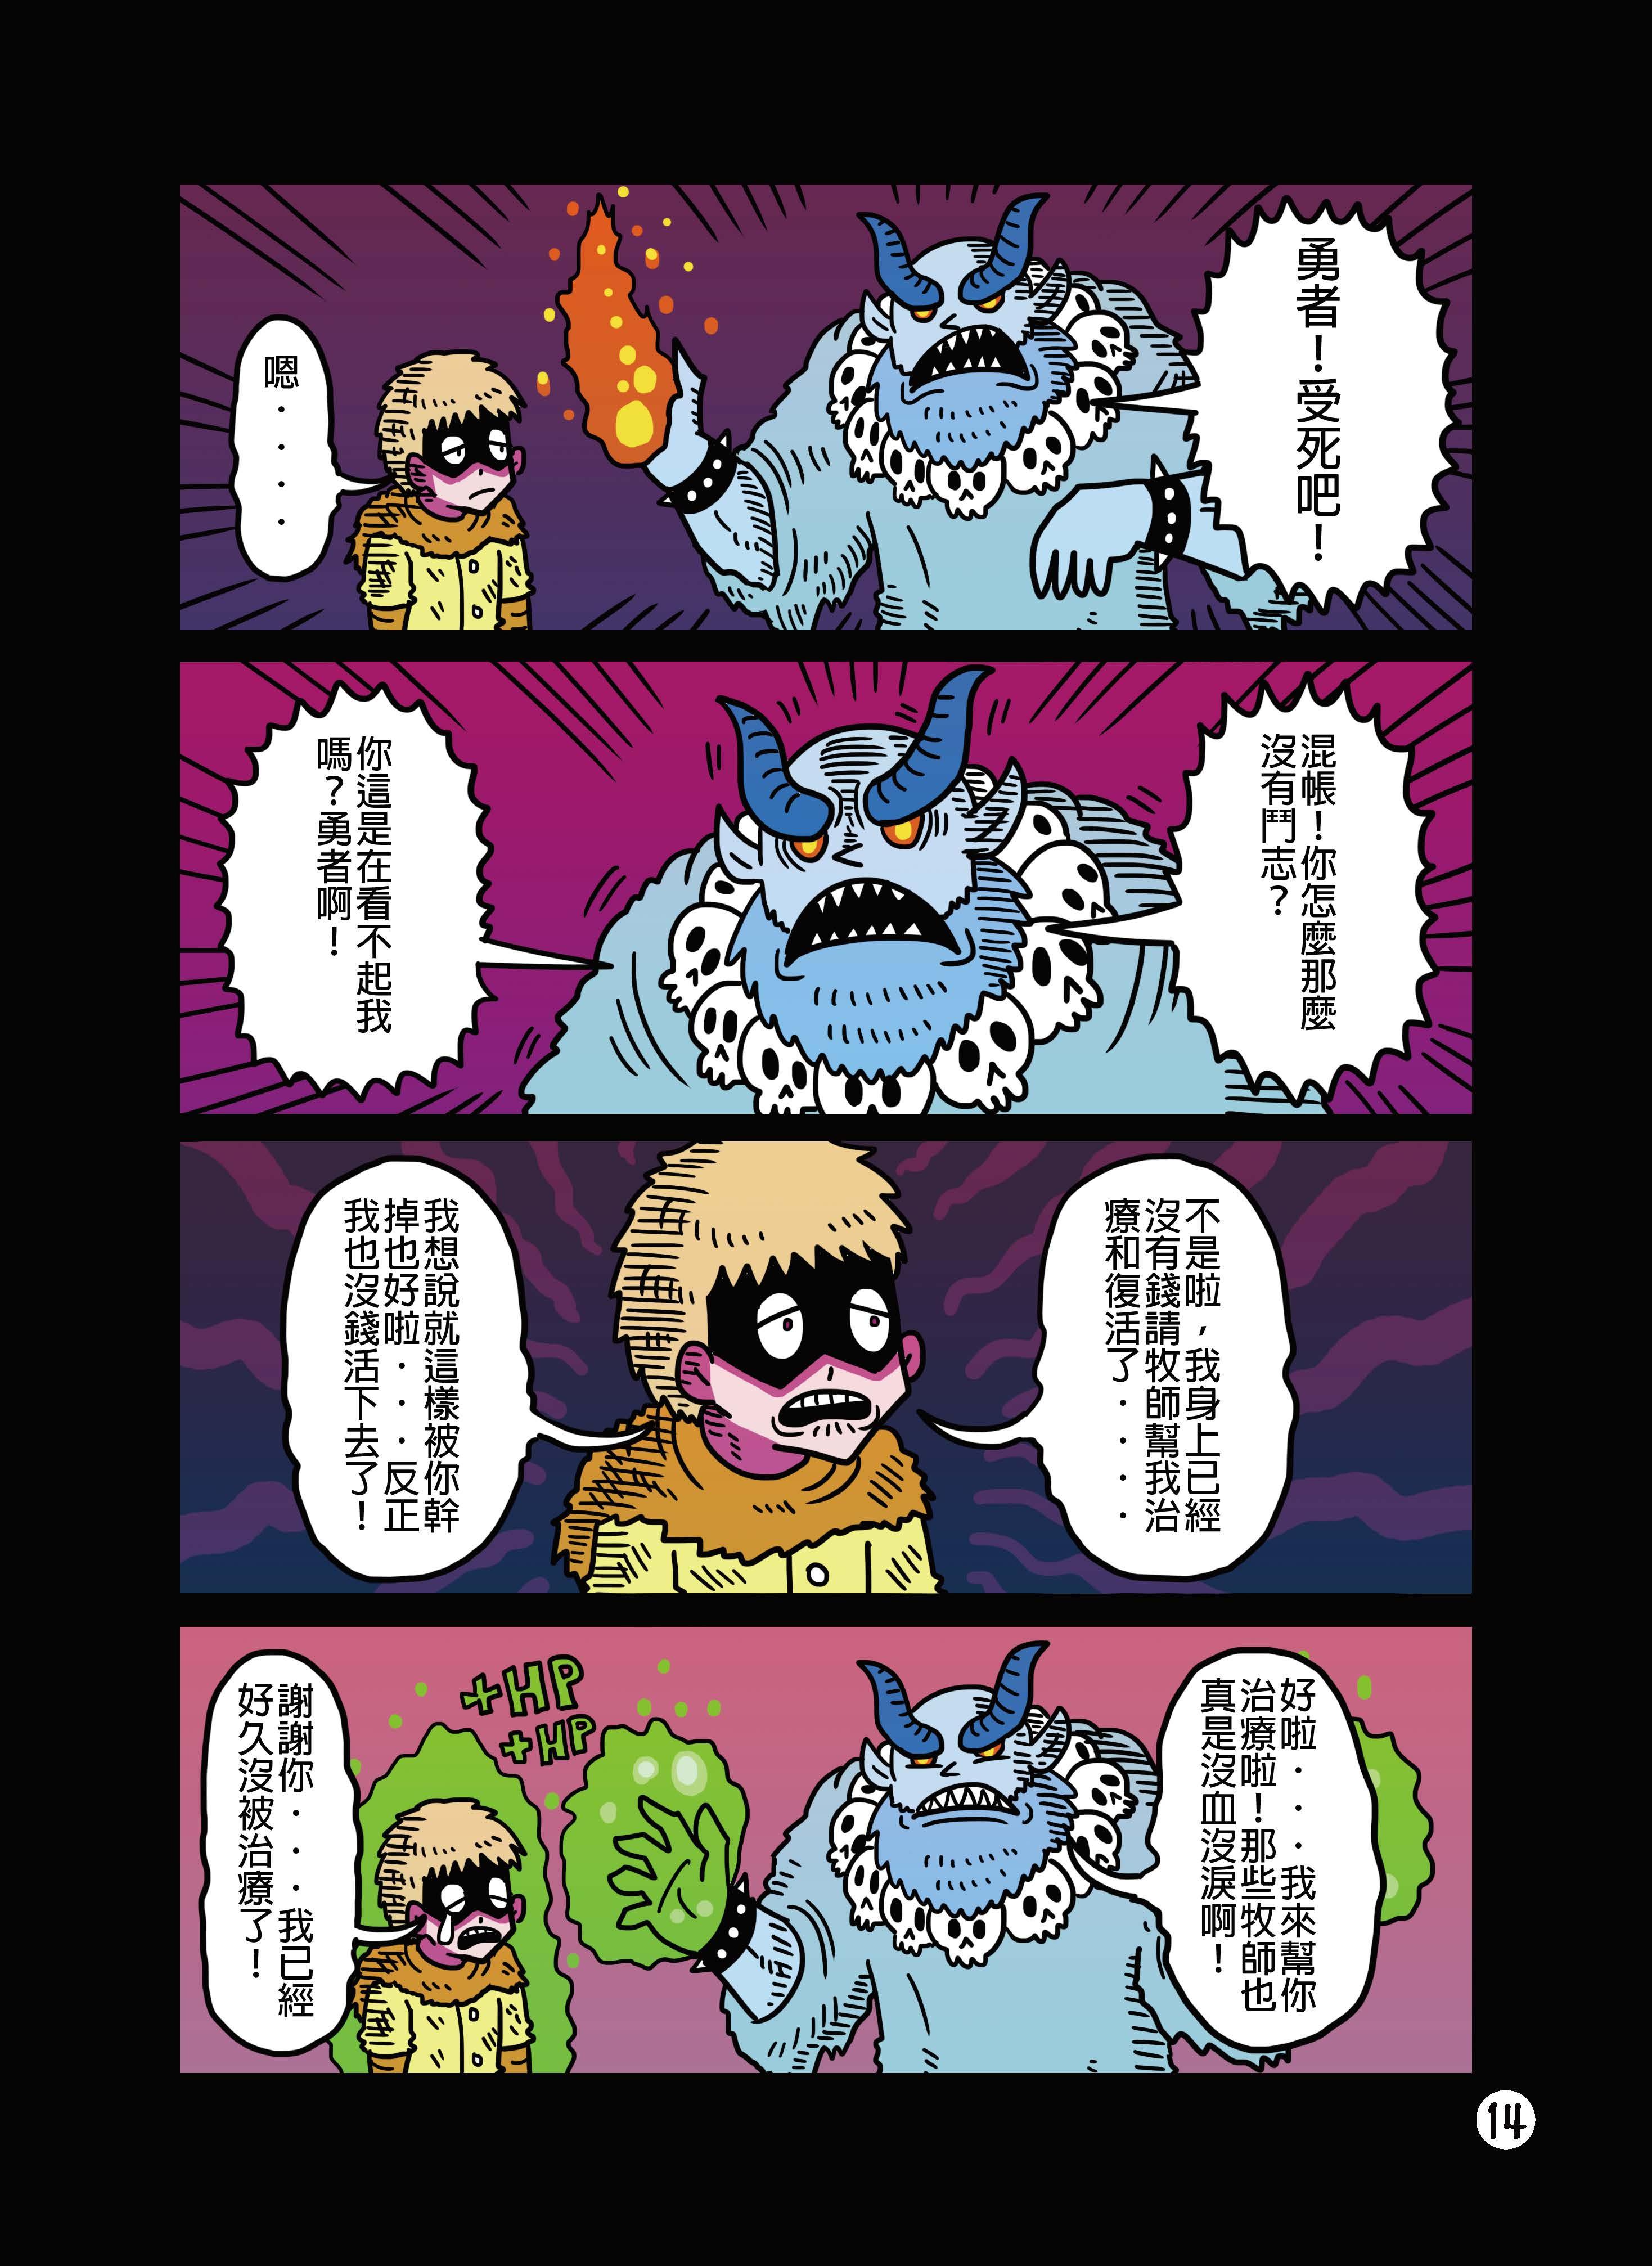 勇者ATM_說明書.ai_页面_15.jpg